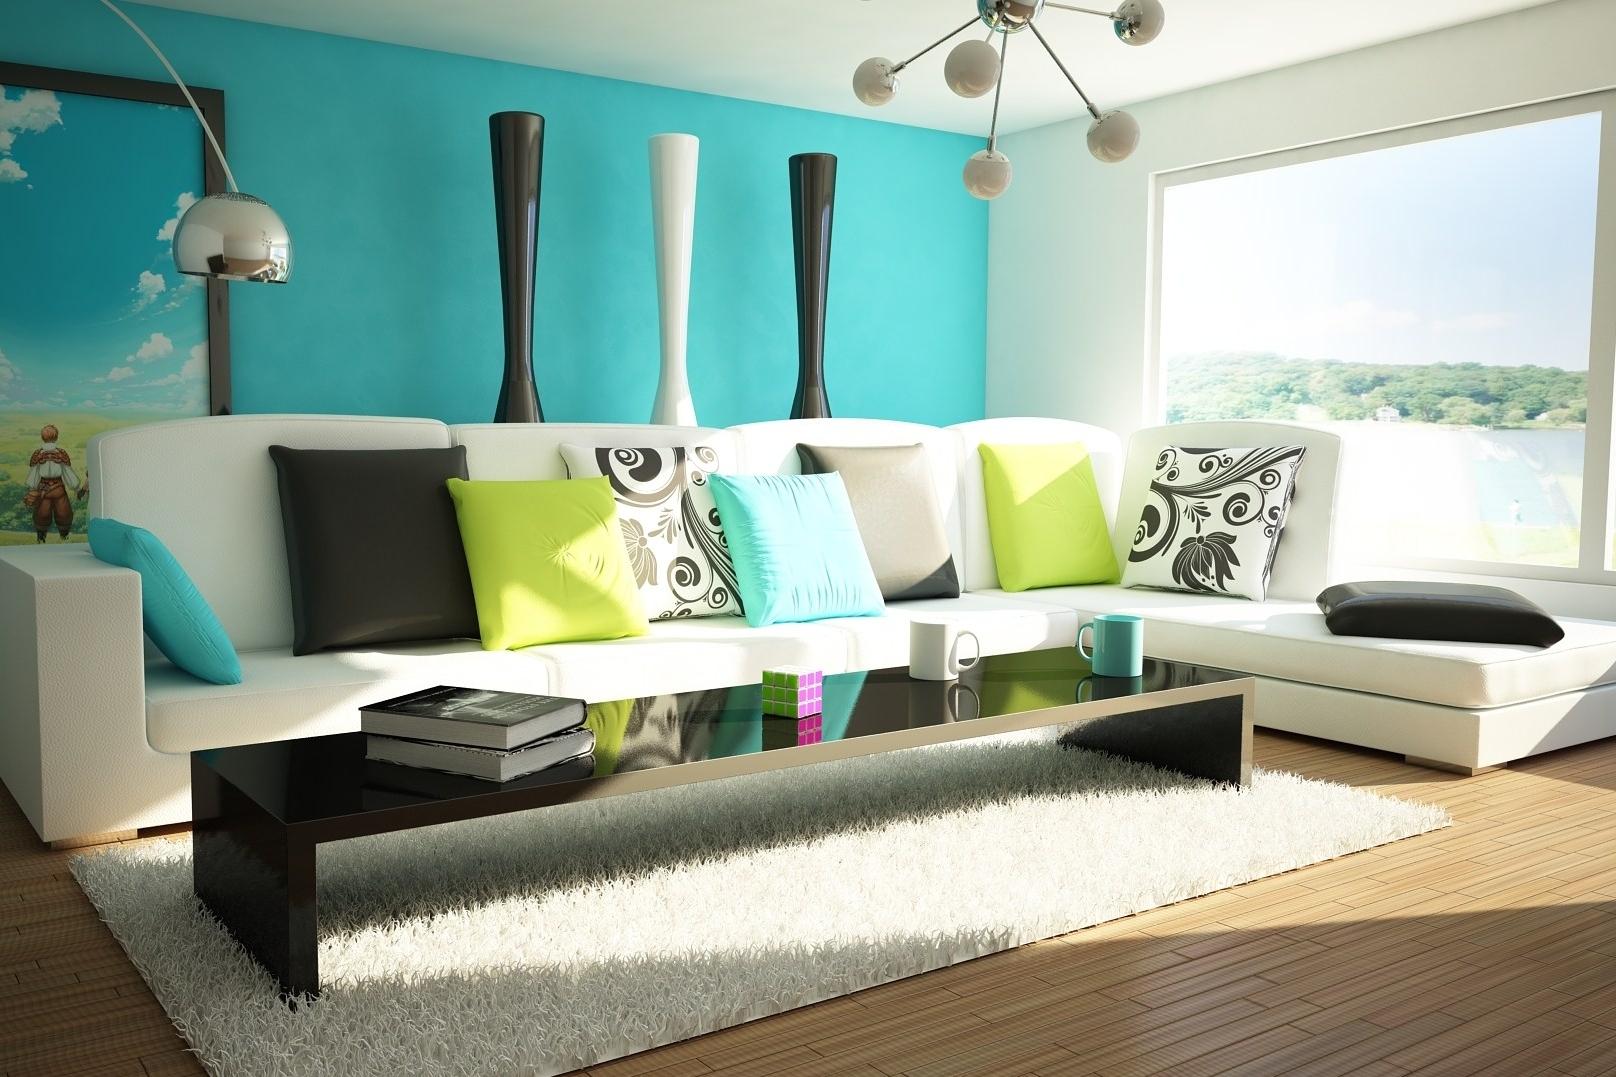 Baru Punya Rumah Baiknya Pakai Warna Cat Rumah Apa